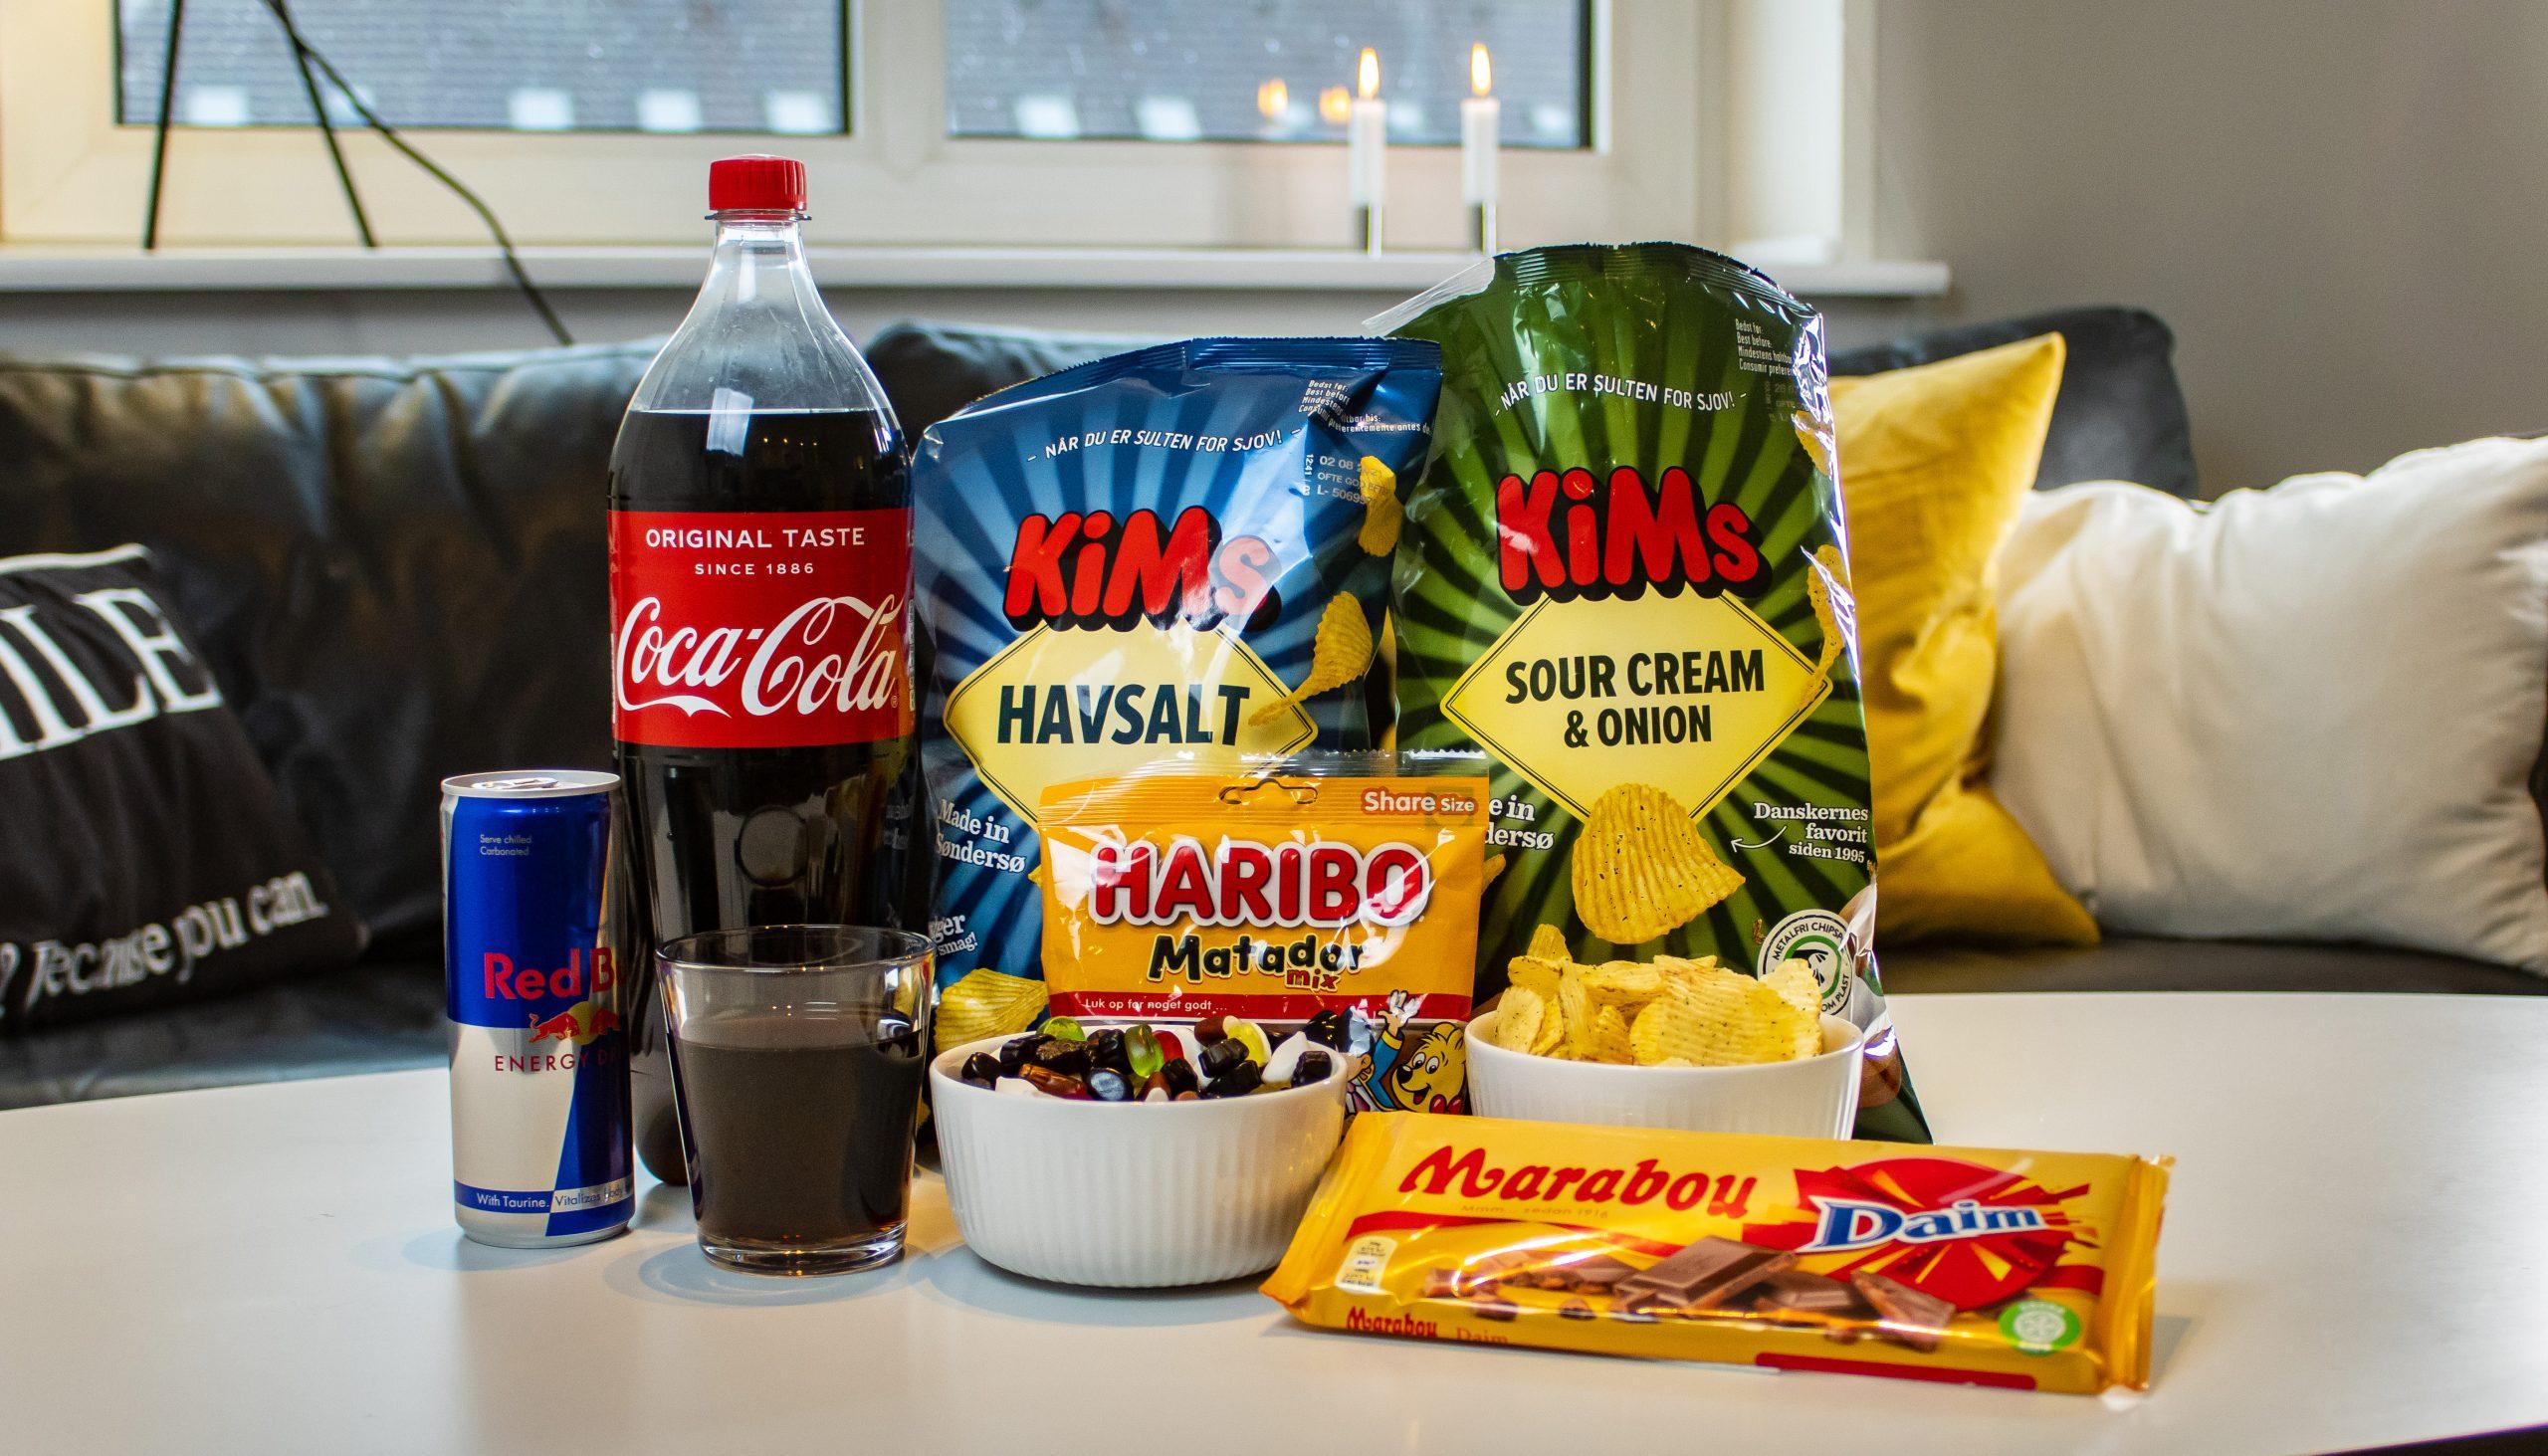 Førstehjælp til aftenhyggen: Nu kan du få snacks leveret direkte til døren